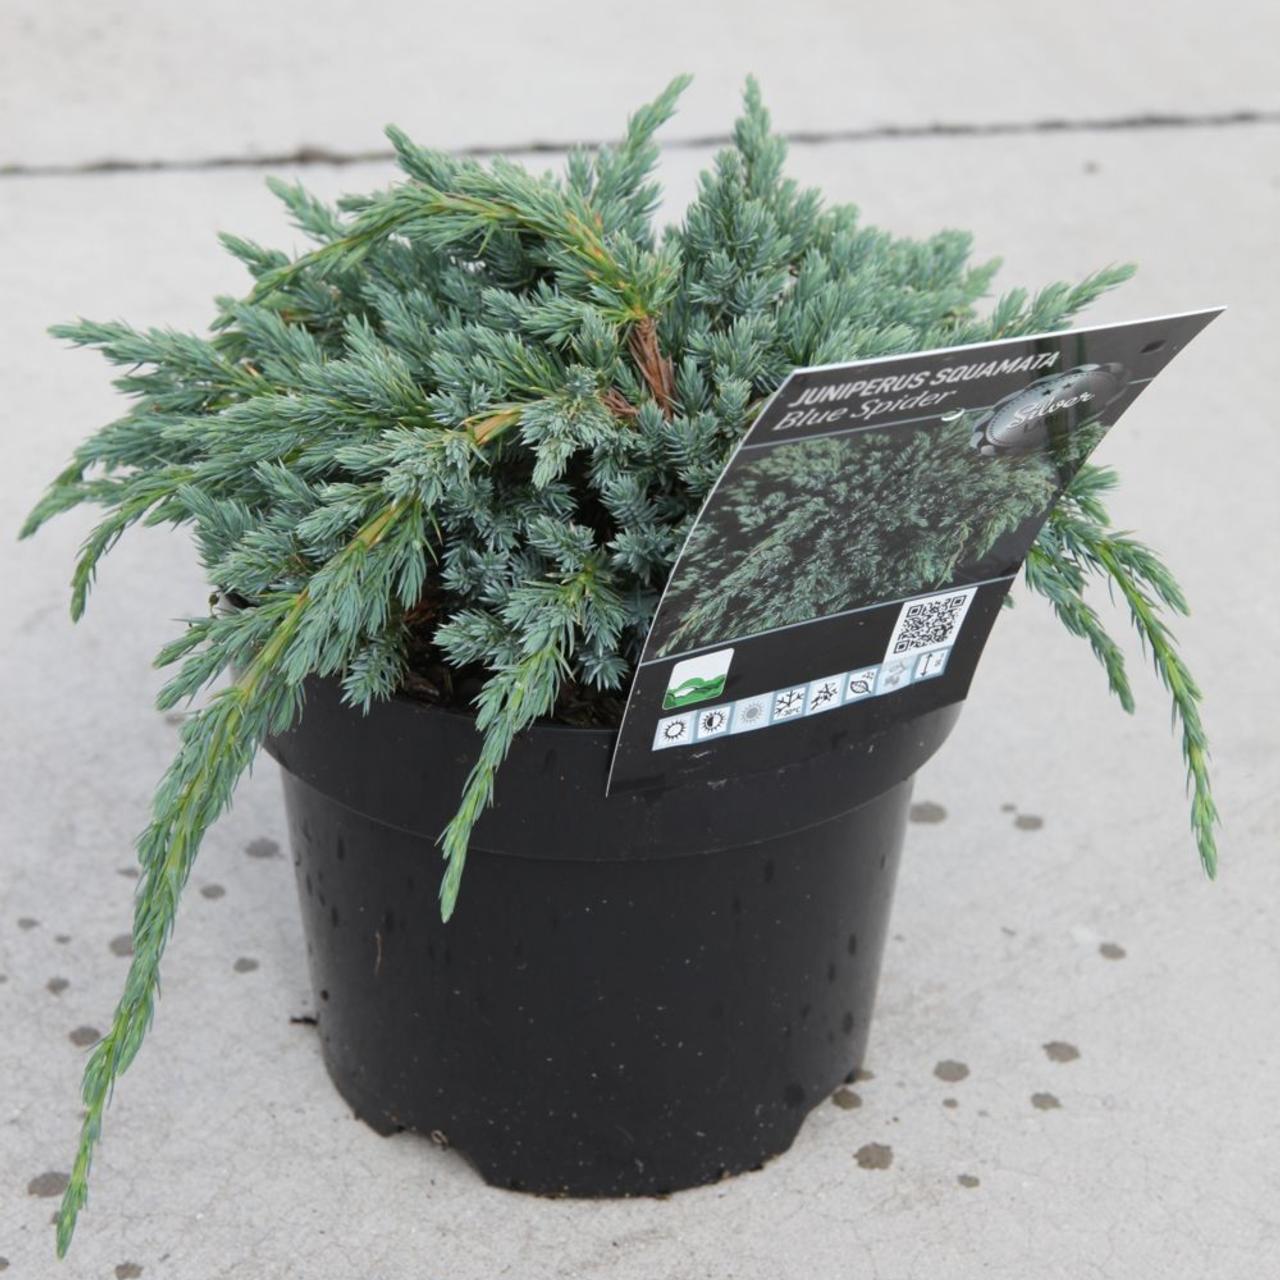 Juniperus squam. 'Blue Spider' plant